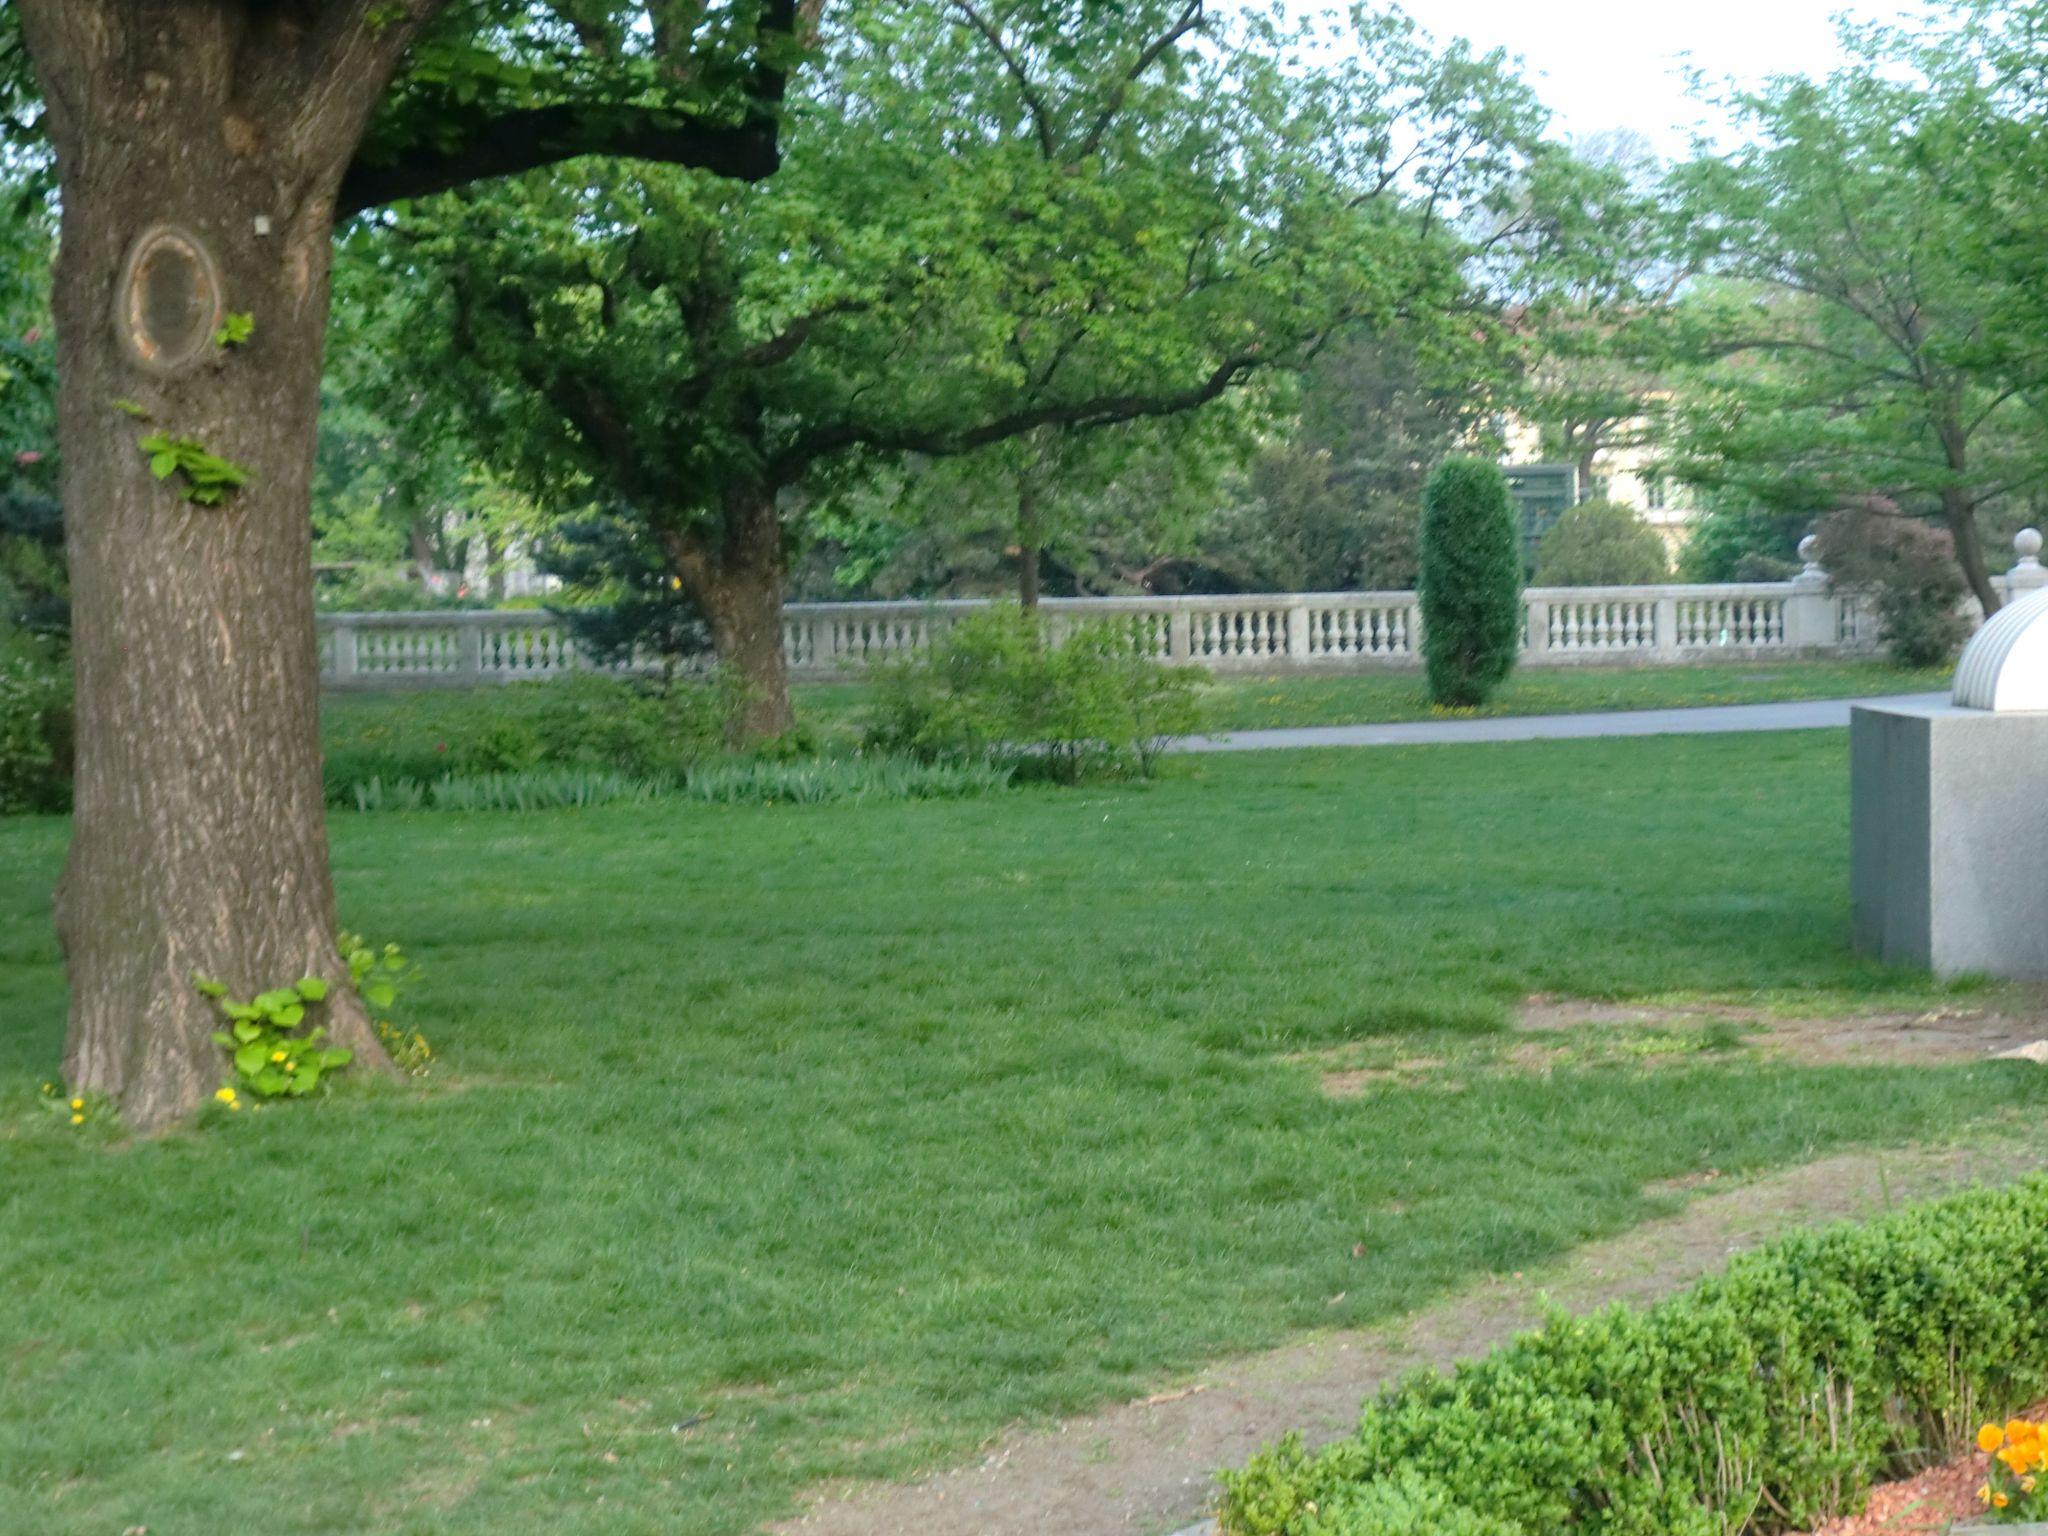 Vienna park 14 1440x1080 - Vienna: elegant beauty